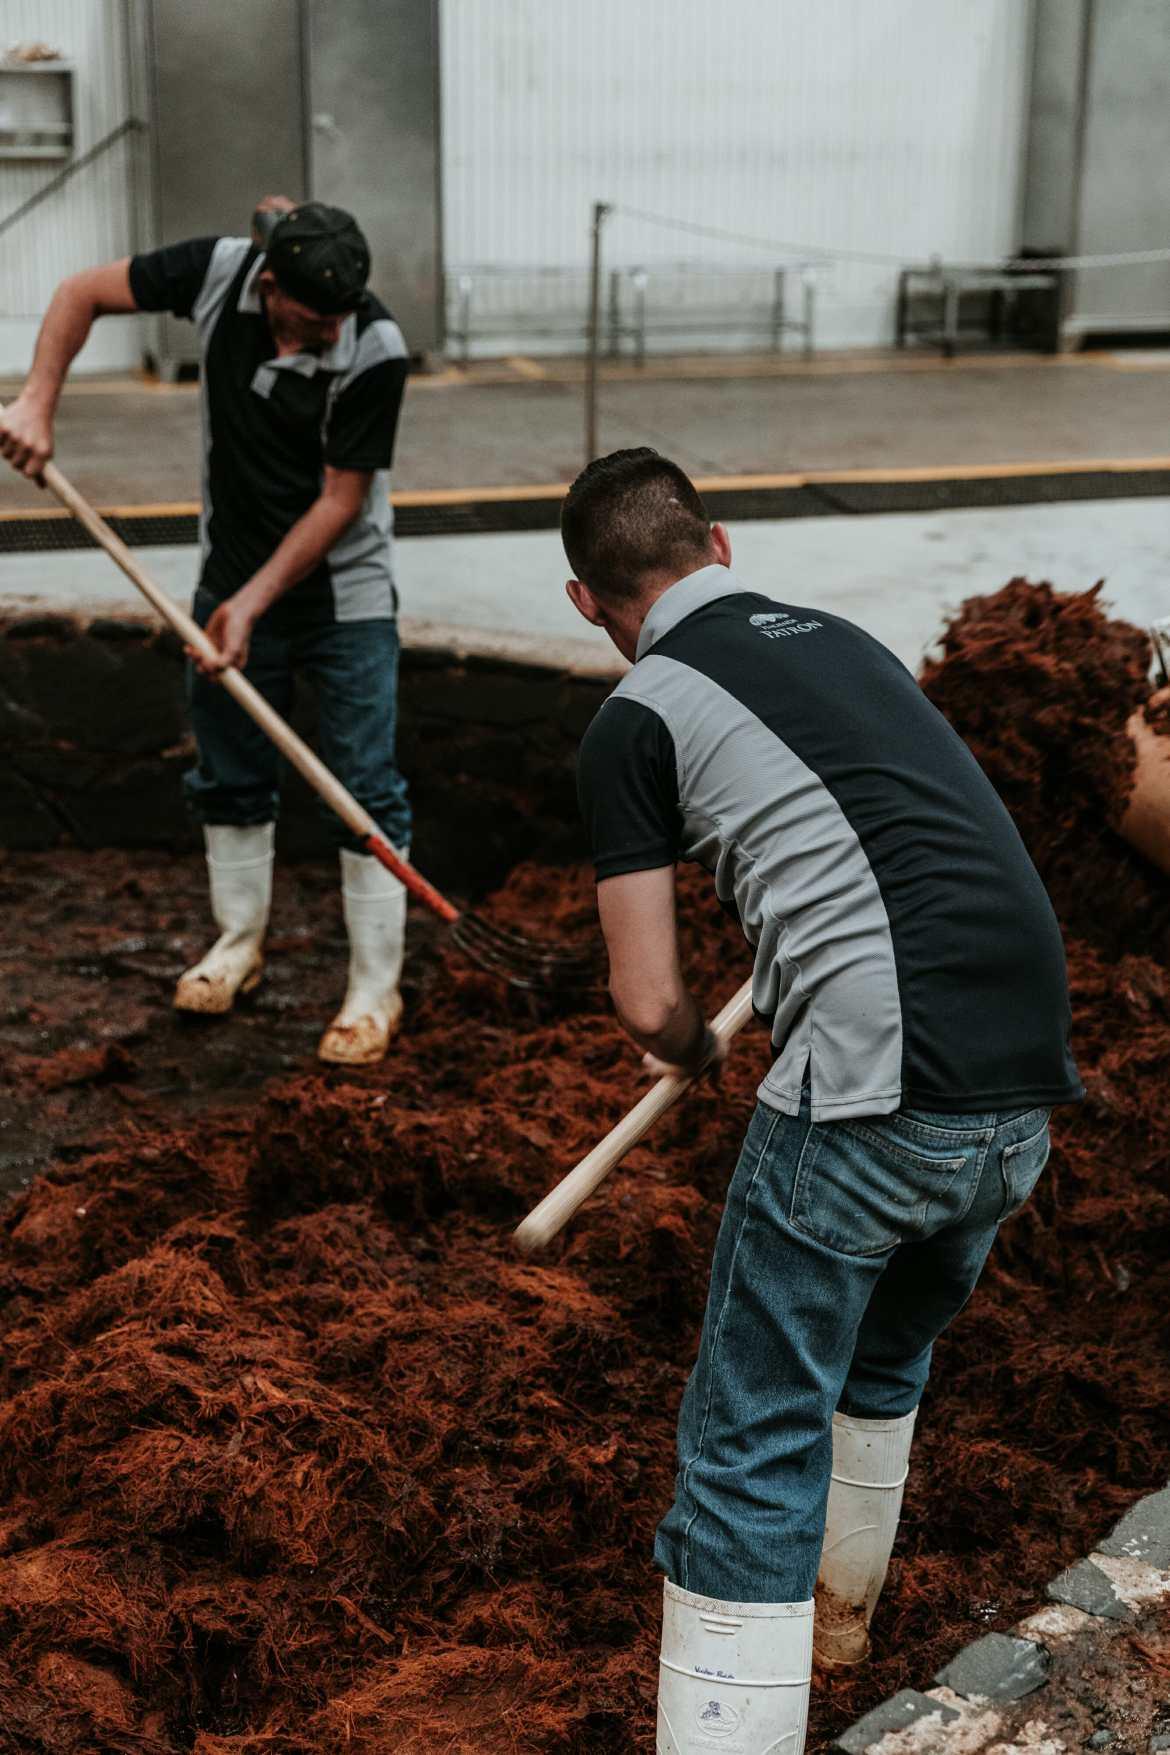 men shoveling agave